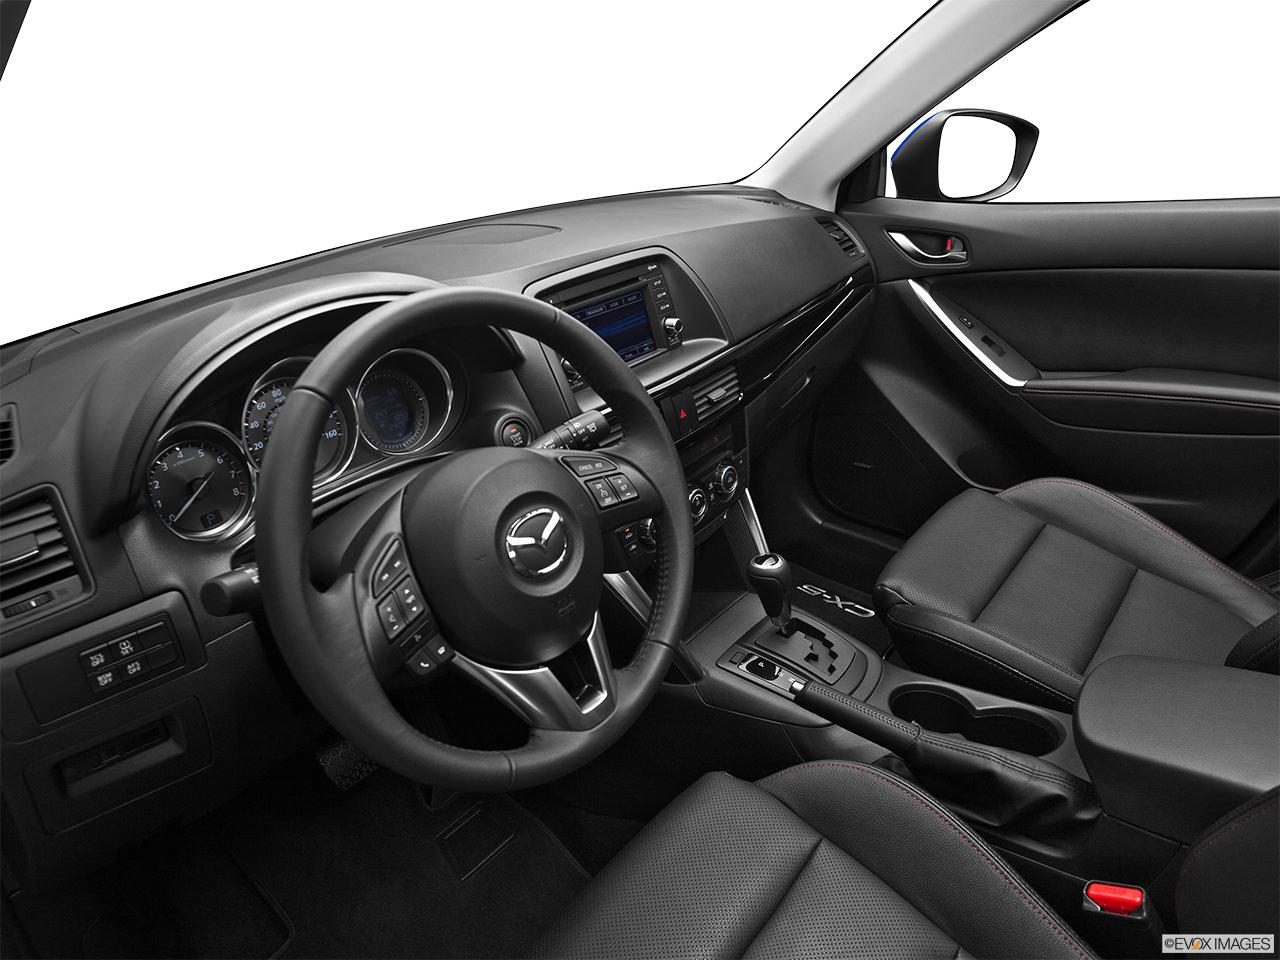 Mazda CX-5 2012 Interior